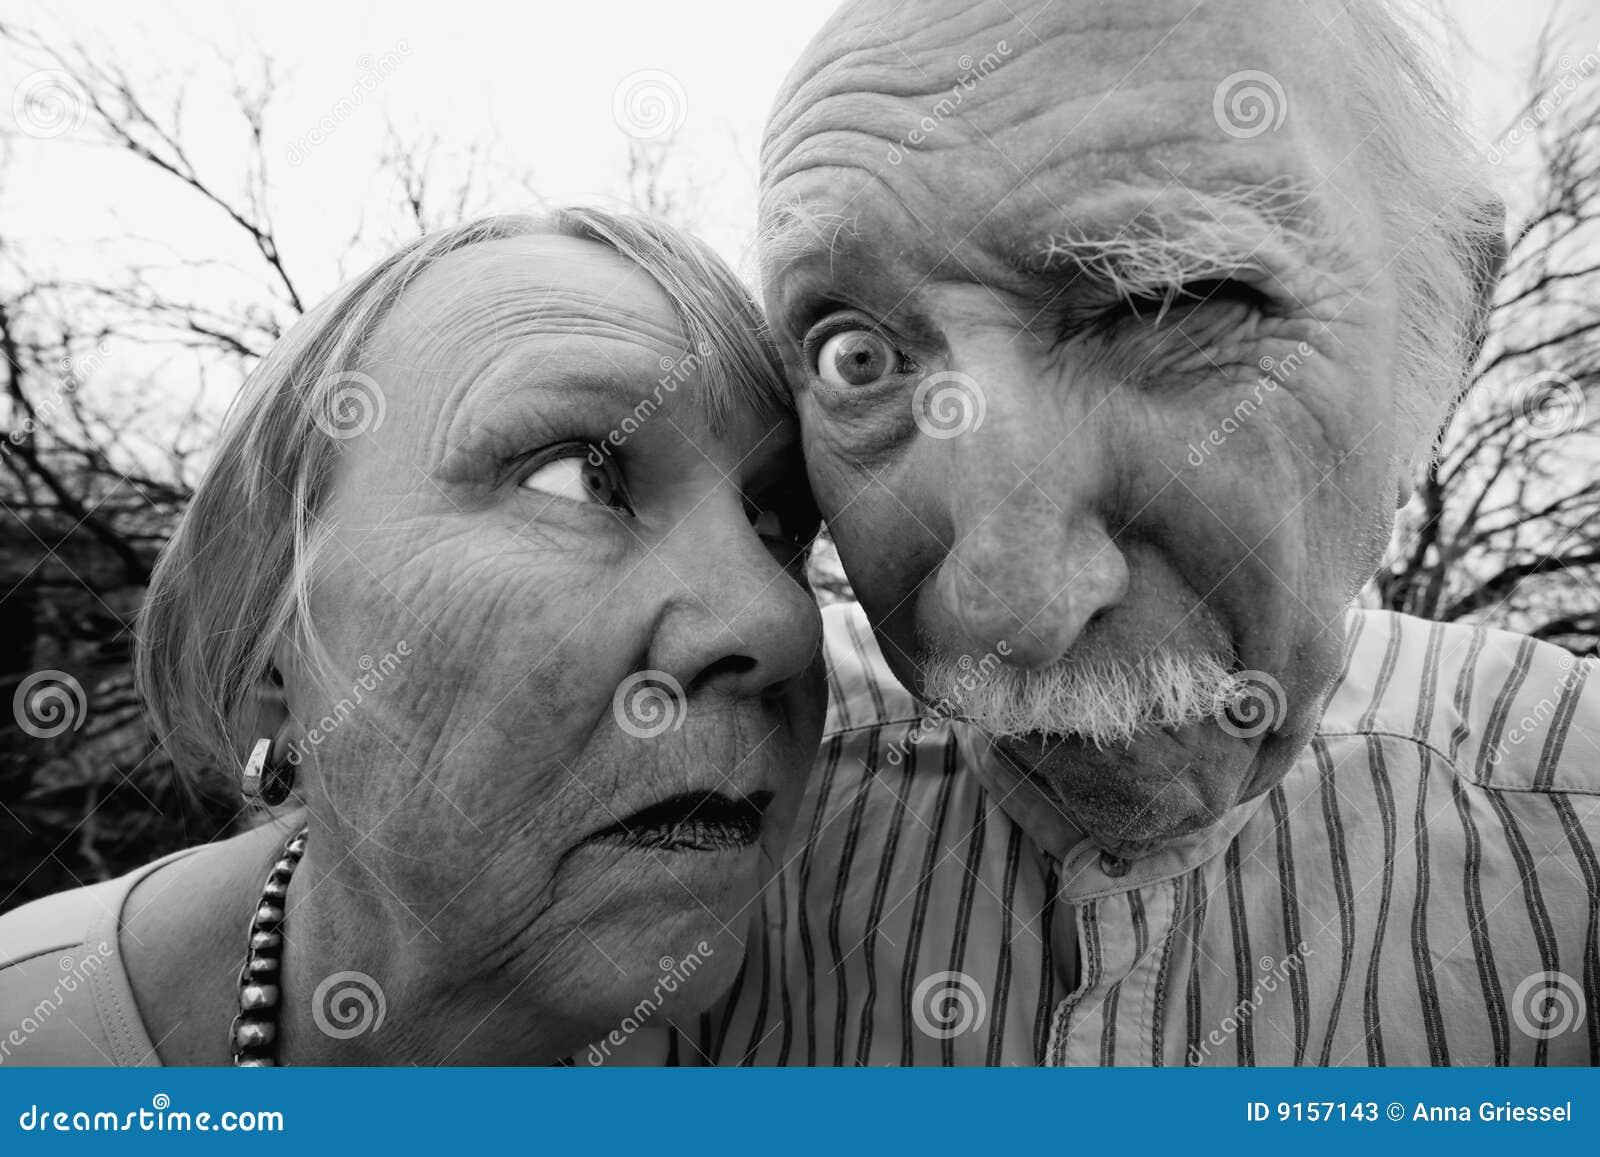 Русские пожилые мамаши 25 фотография